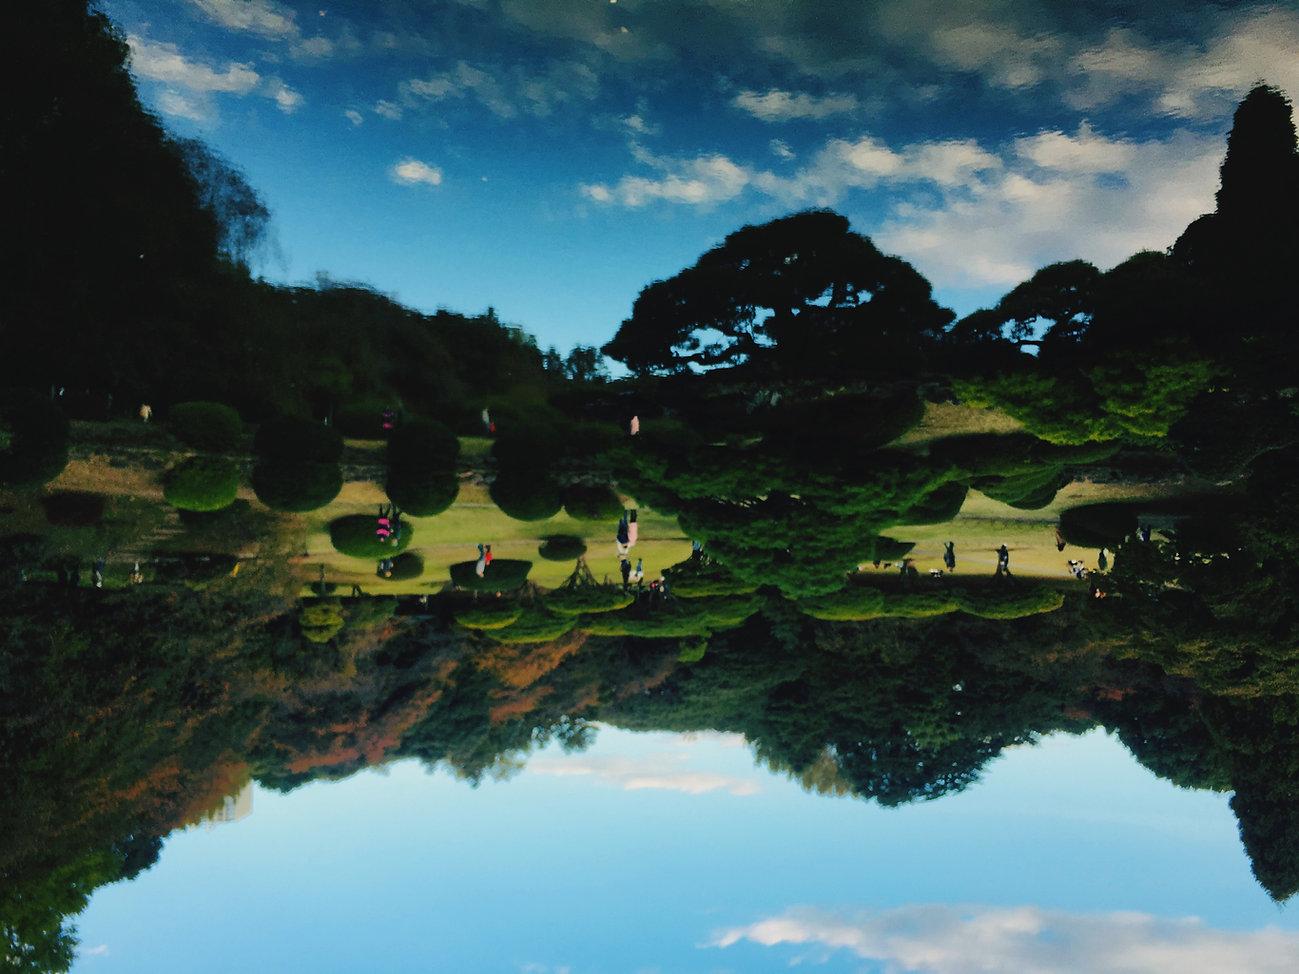 Séances de shiatsu à Paris . Profitez d'un momment de détente et de relaxation grâce à ce massage traditionnel japonais